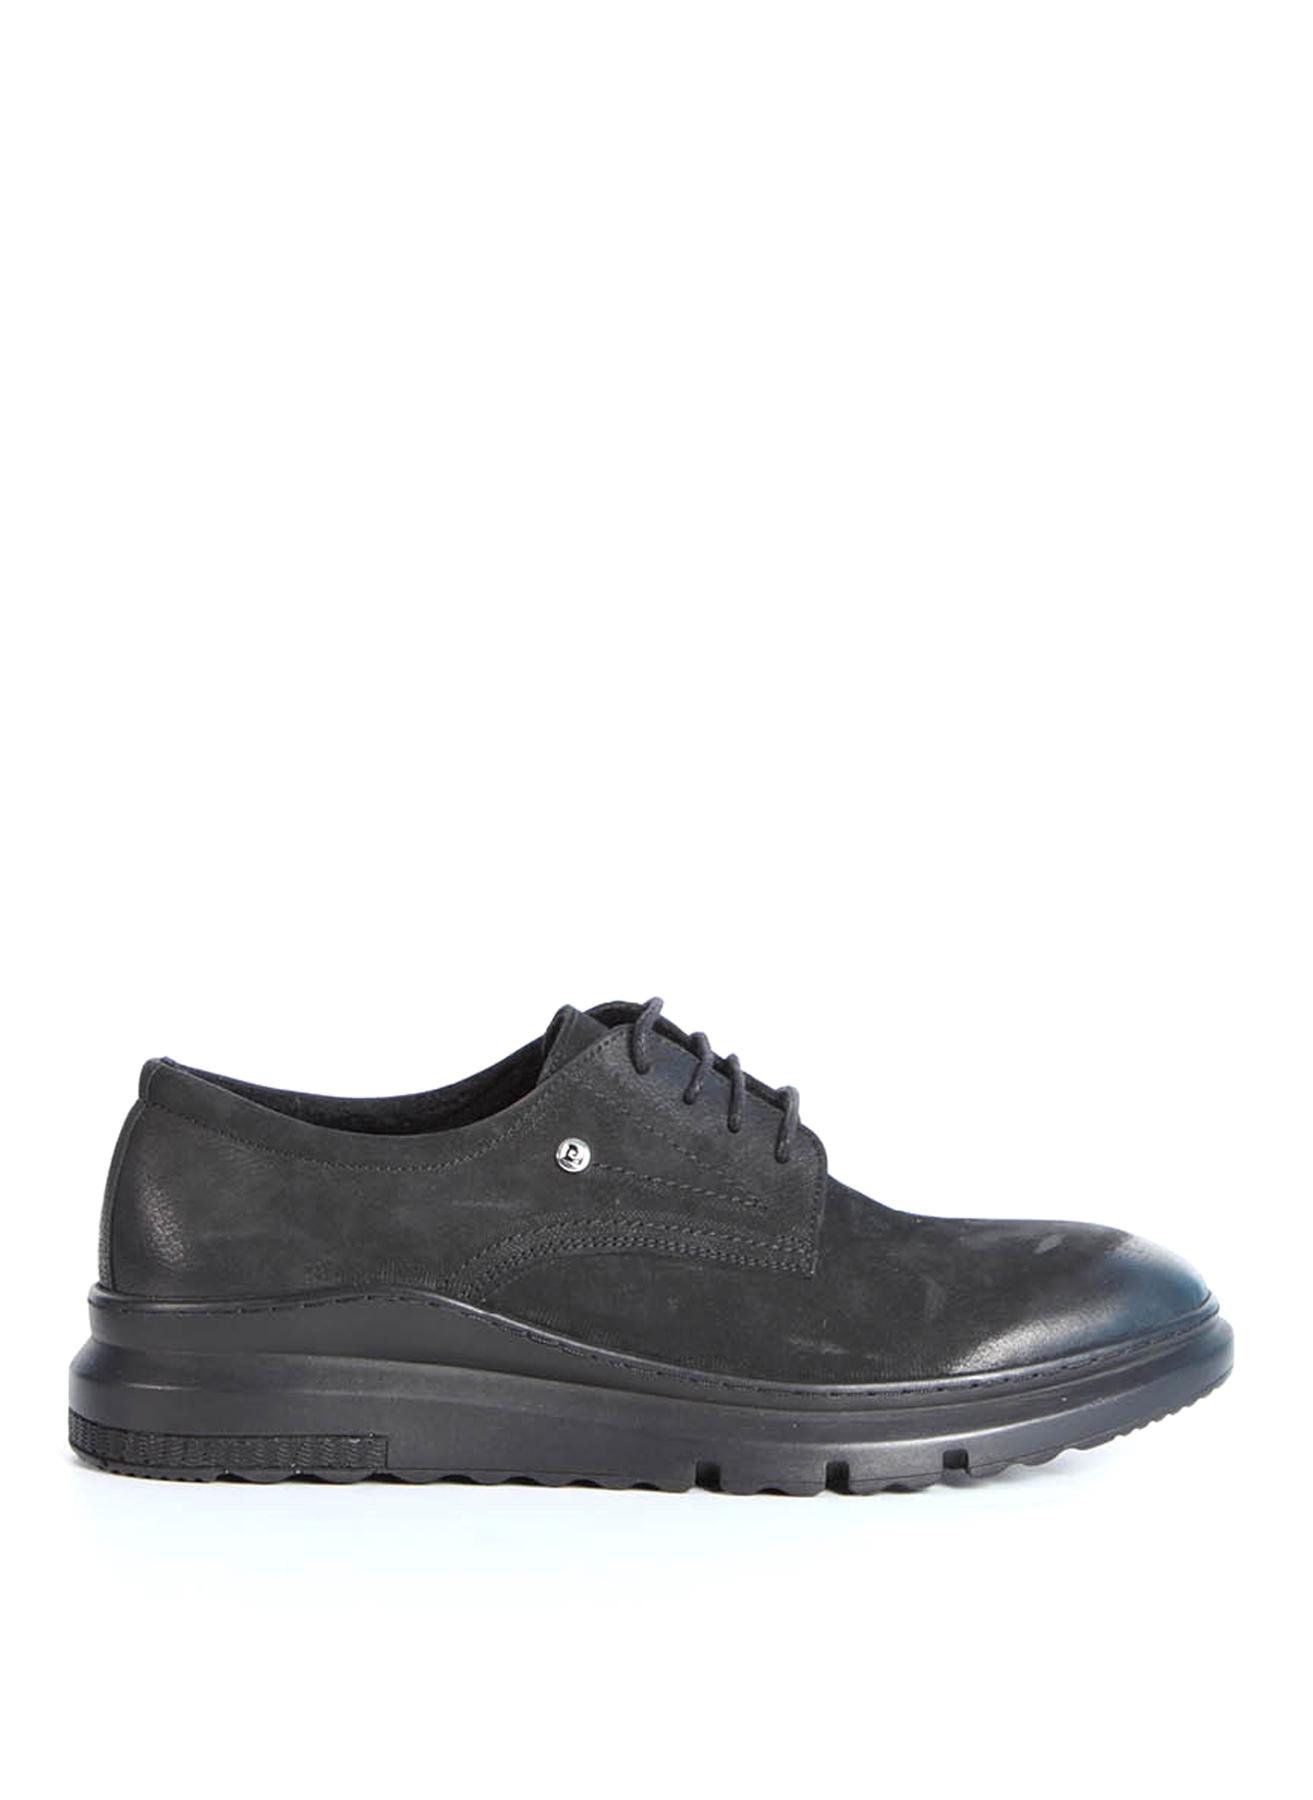 Pierre Cardin Günlük Ayakkabı 40 5001921671001 Ürün Resmi